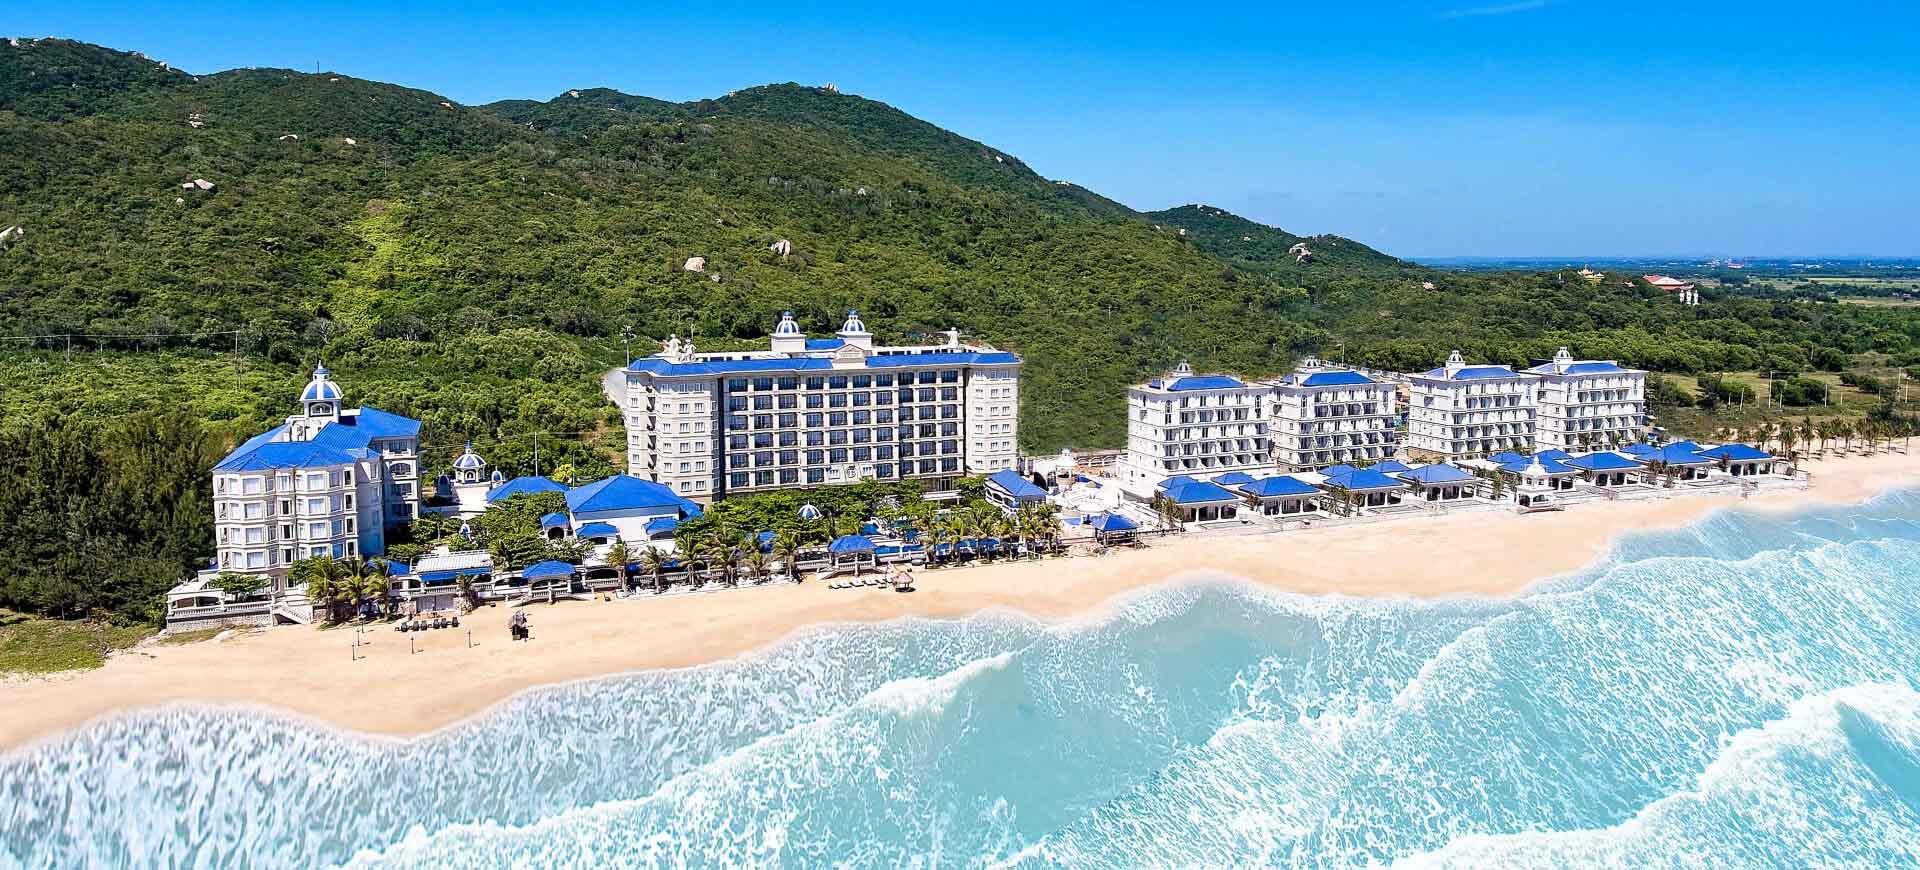 Top những khách sạn đẹp ở Vũng Tàu